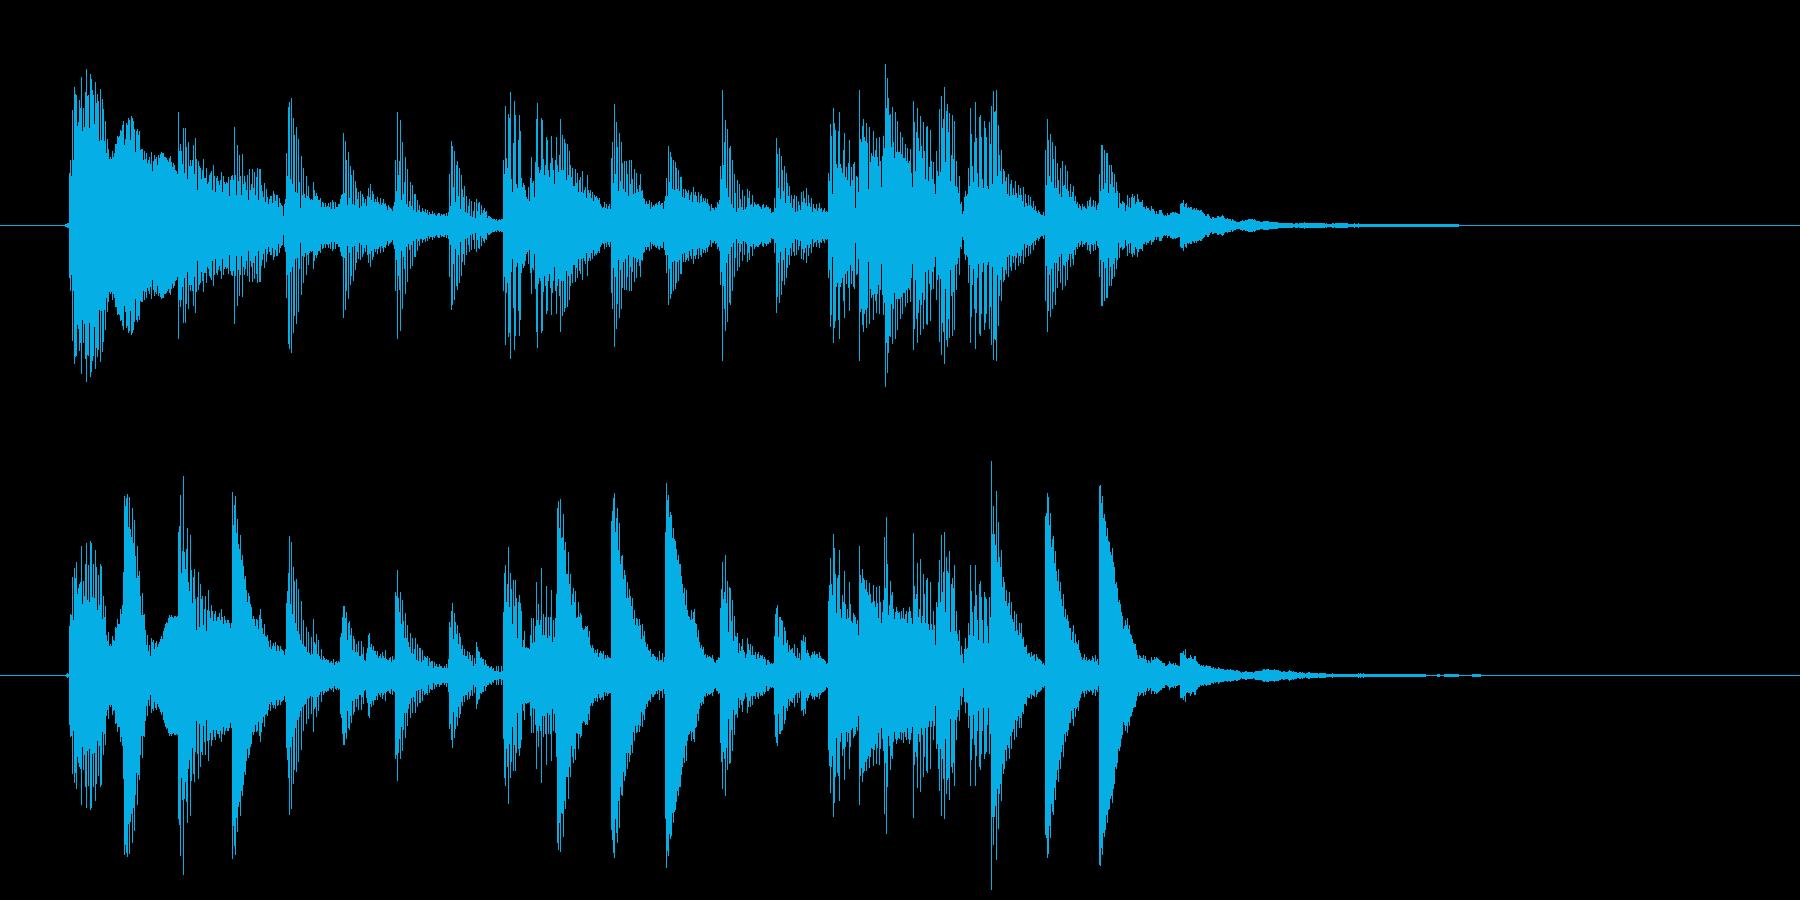 ミディアムテンポなテクノポップのジングルの再生済みの波形